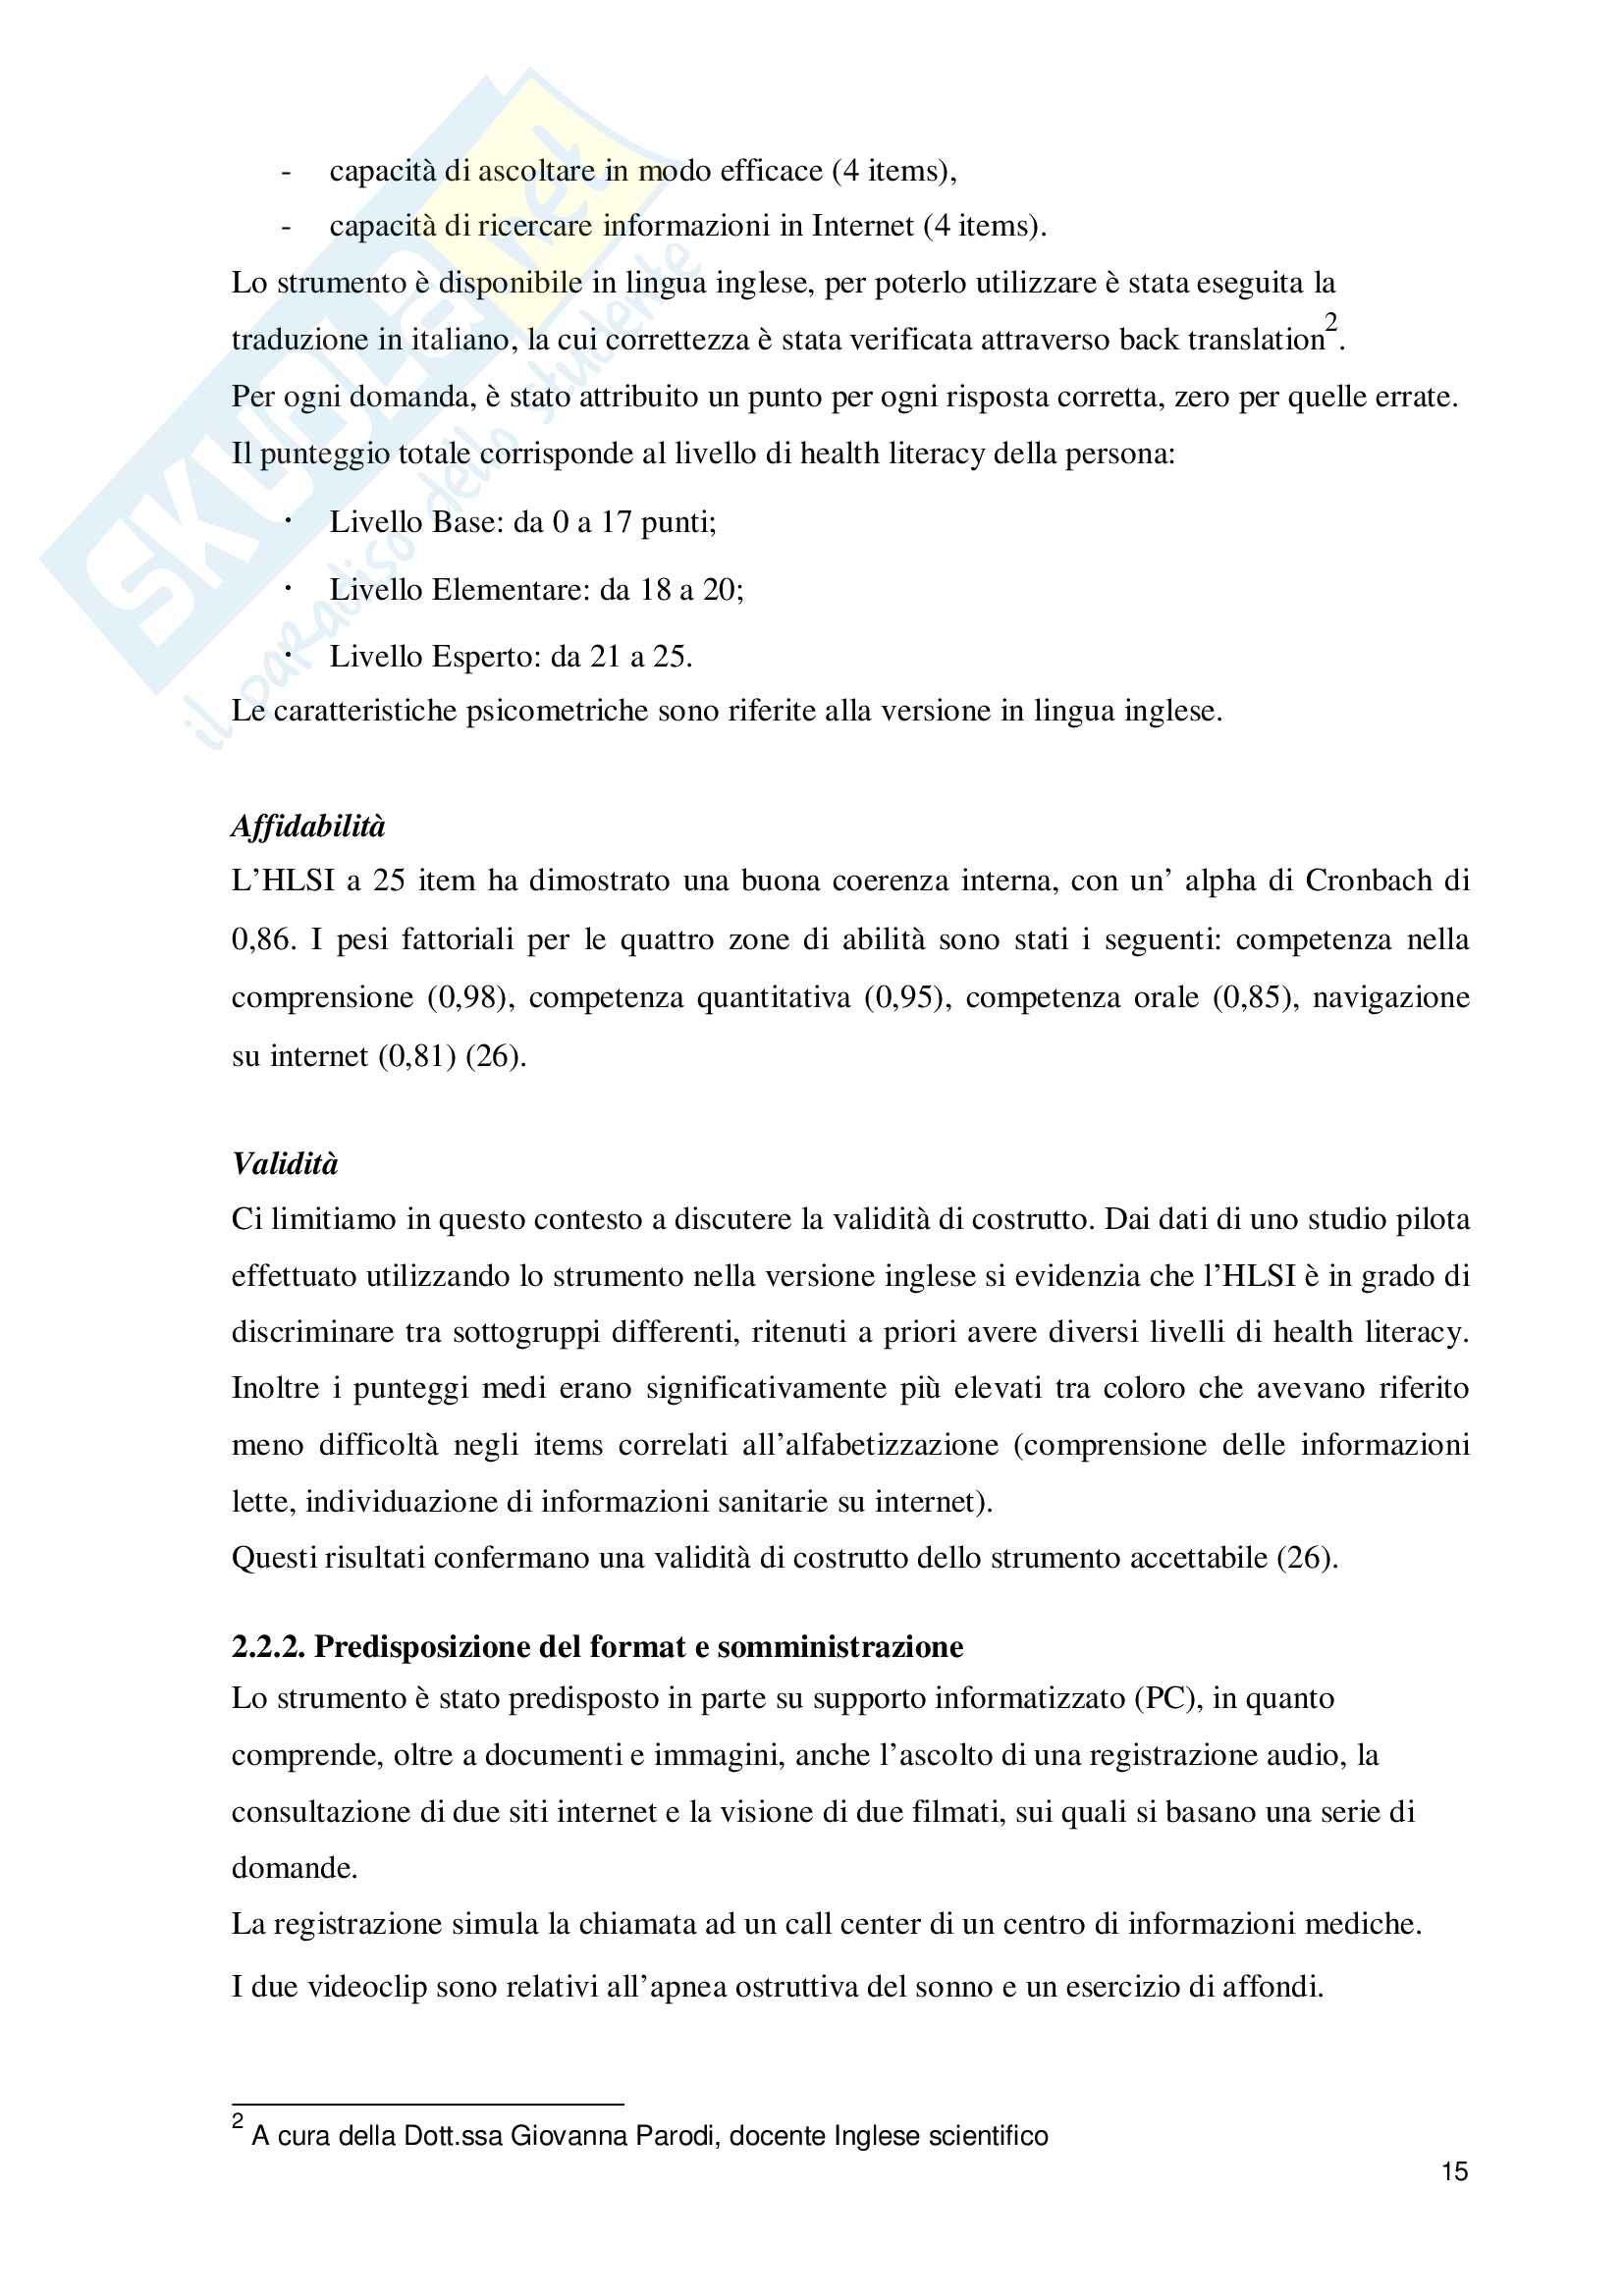 La health literacy in soggetti con insufficienza renale cronica sottoposti a dialisi Pag. 16